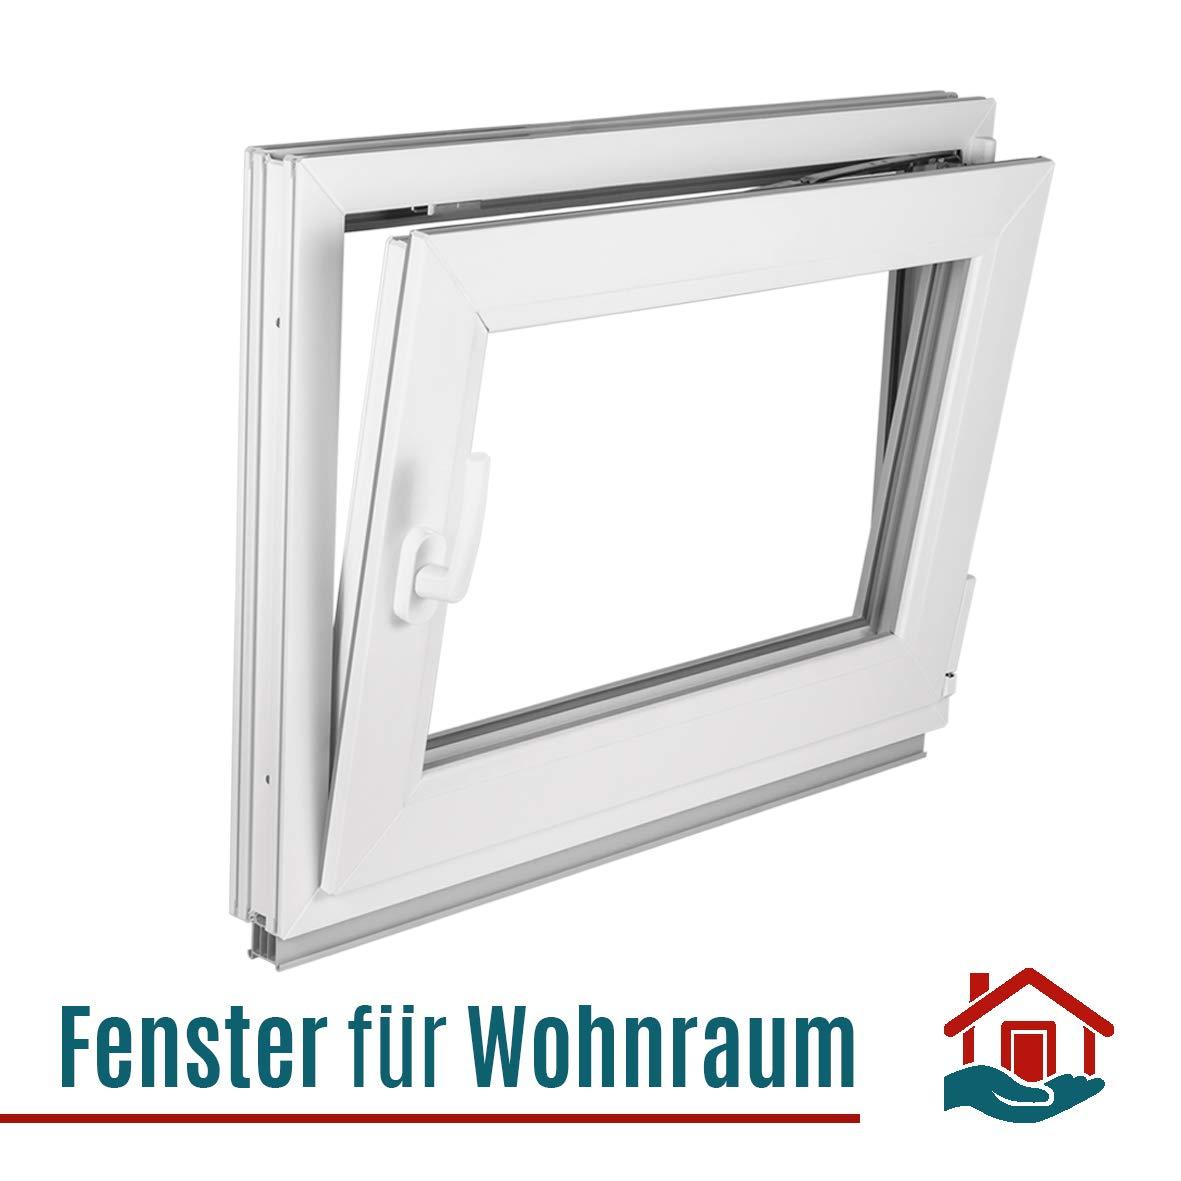 Fenster Breite: 100 cm x H/öhe: Alle Gr/ö/ßen Dreh-Kipp-Funktion wei/ß BxH: 100x60 cm DIN Rechts 3-fach-Verglasung Premium Kellerfenster Kunststofffenster